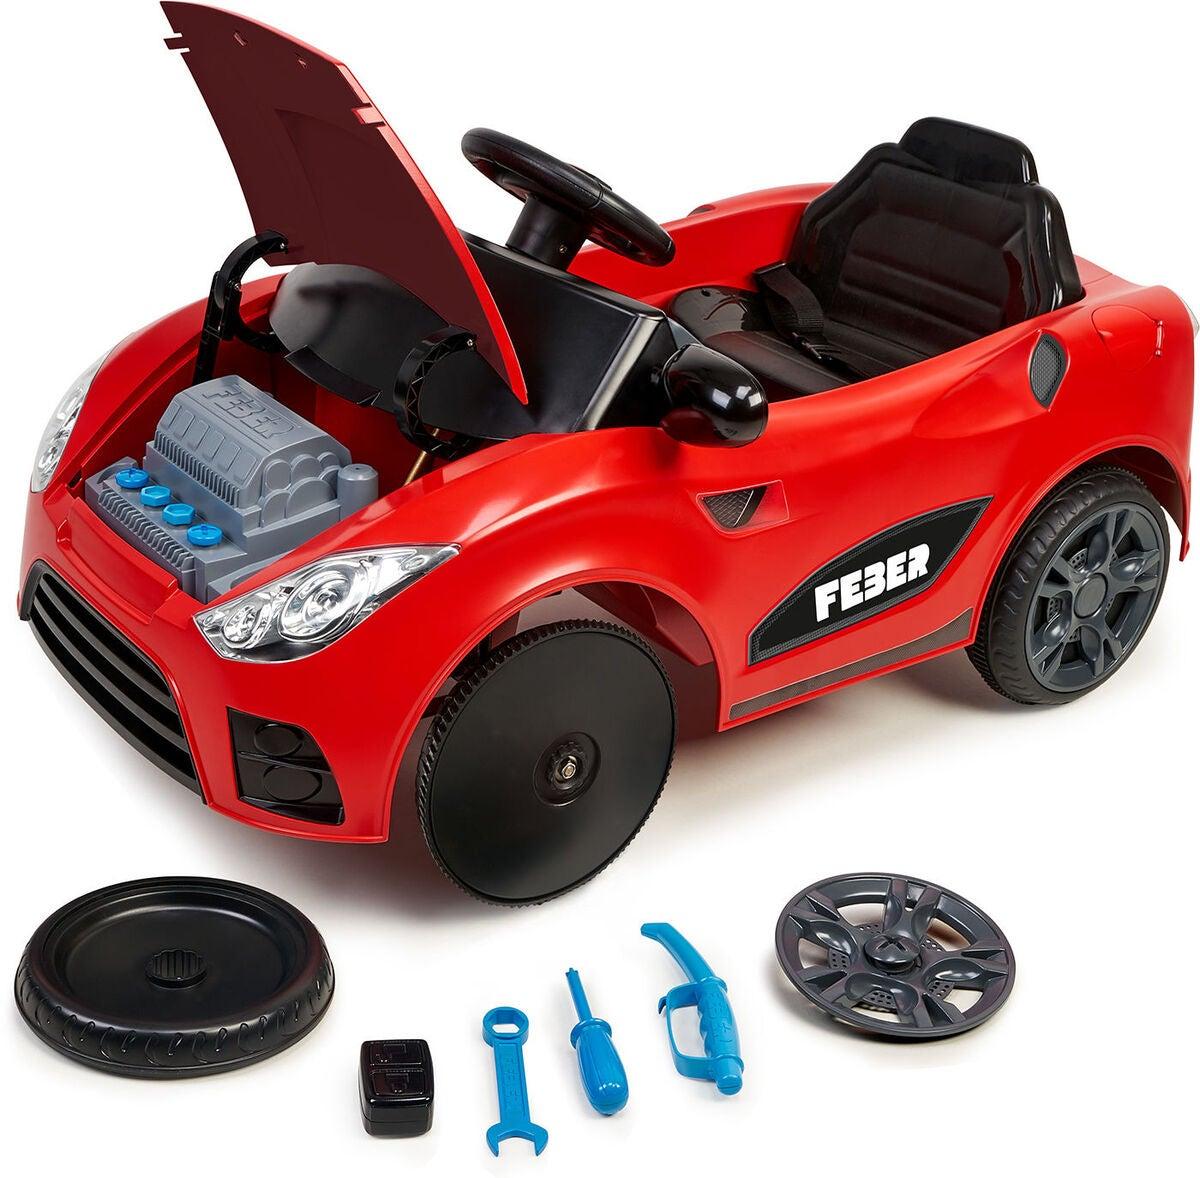 billigaste elbilen för barn i vårt test för nybörjare